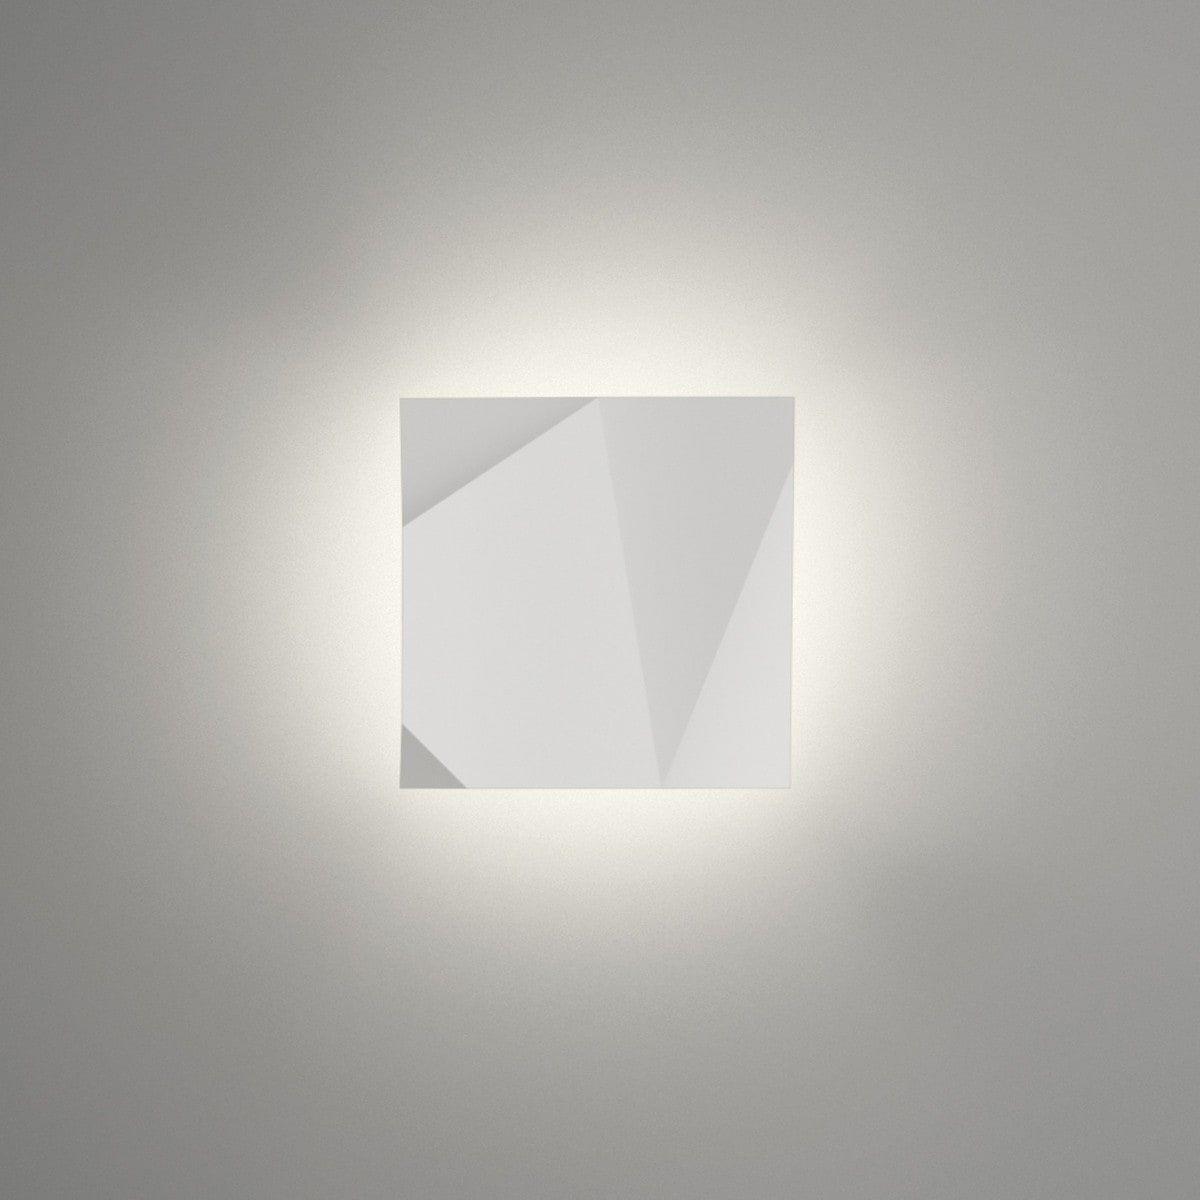 Vibia Origami 4501 Wandleuchte Weiss Matt Led Hangeleuchte Led Strahler Und Einbauleuchten